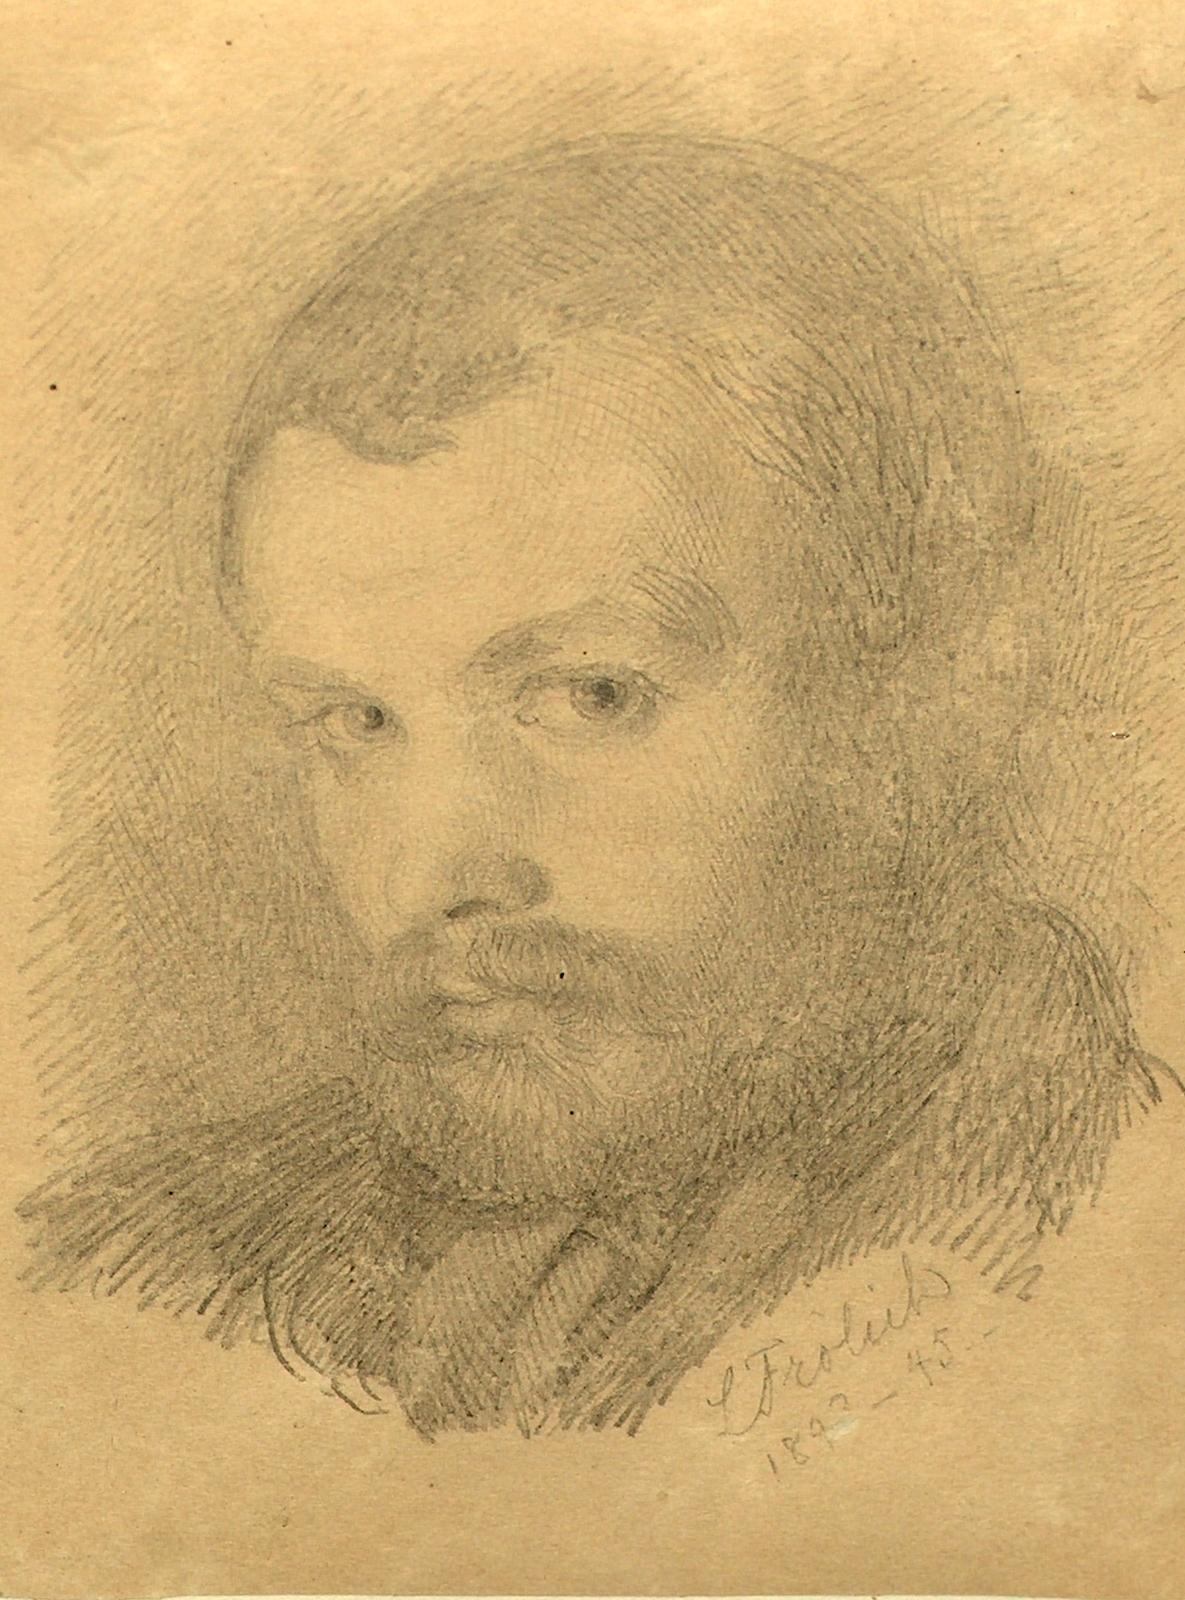 Lorentz Frølich (1820-1908). Selvportræt tegnet 1843-1845. Foto Lars Bjørnsten Odense 2005